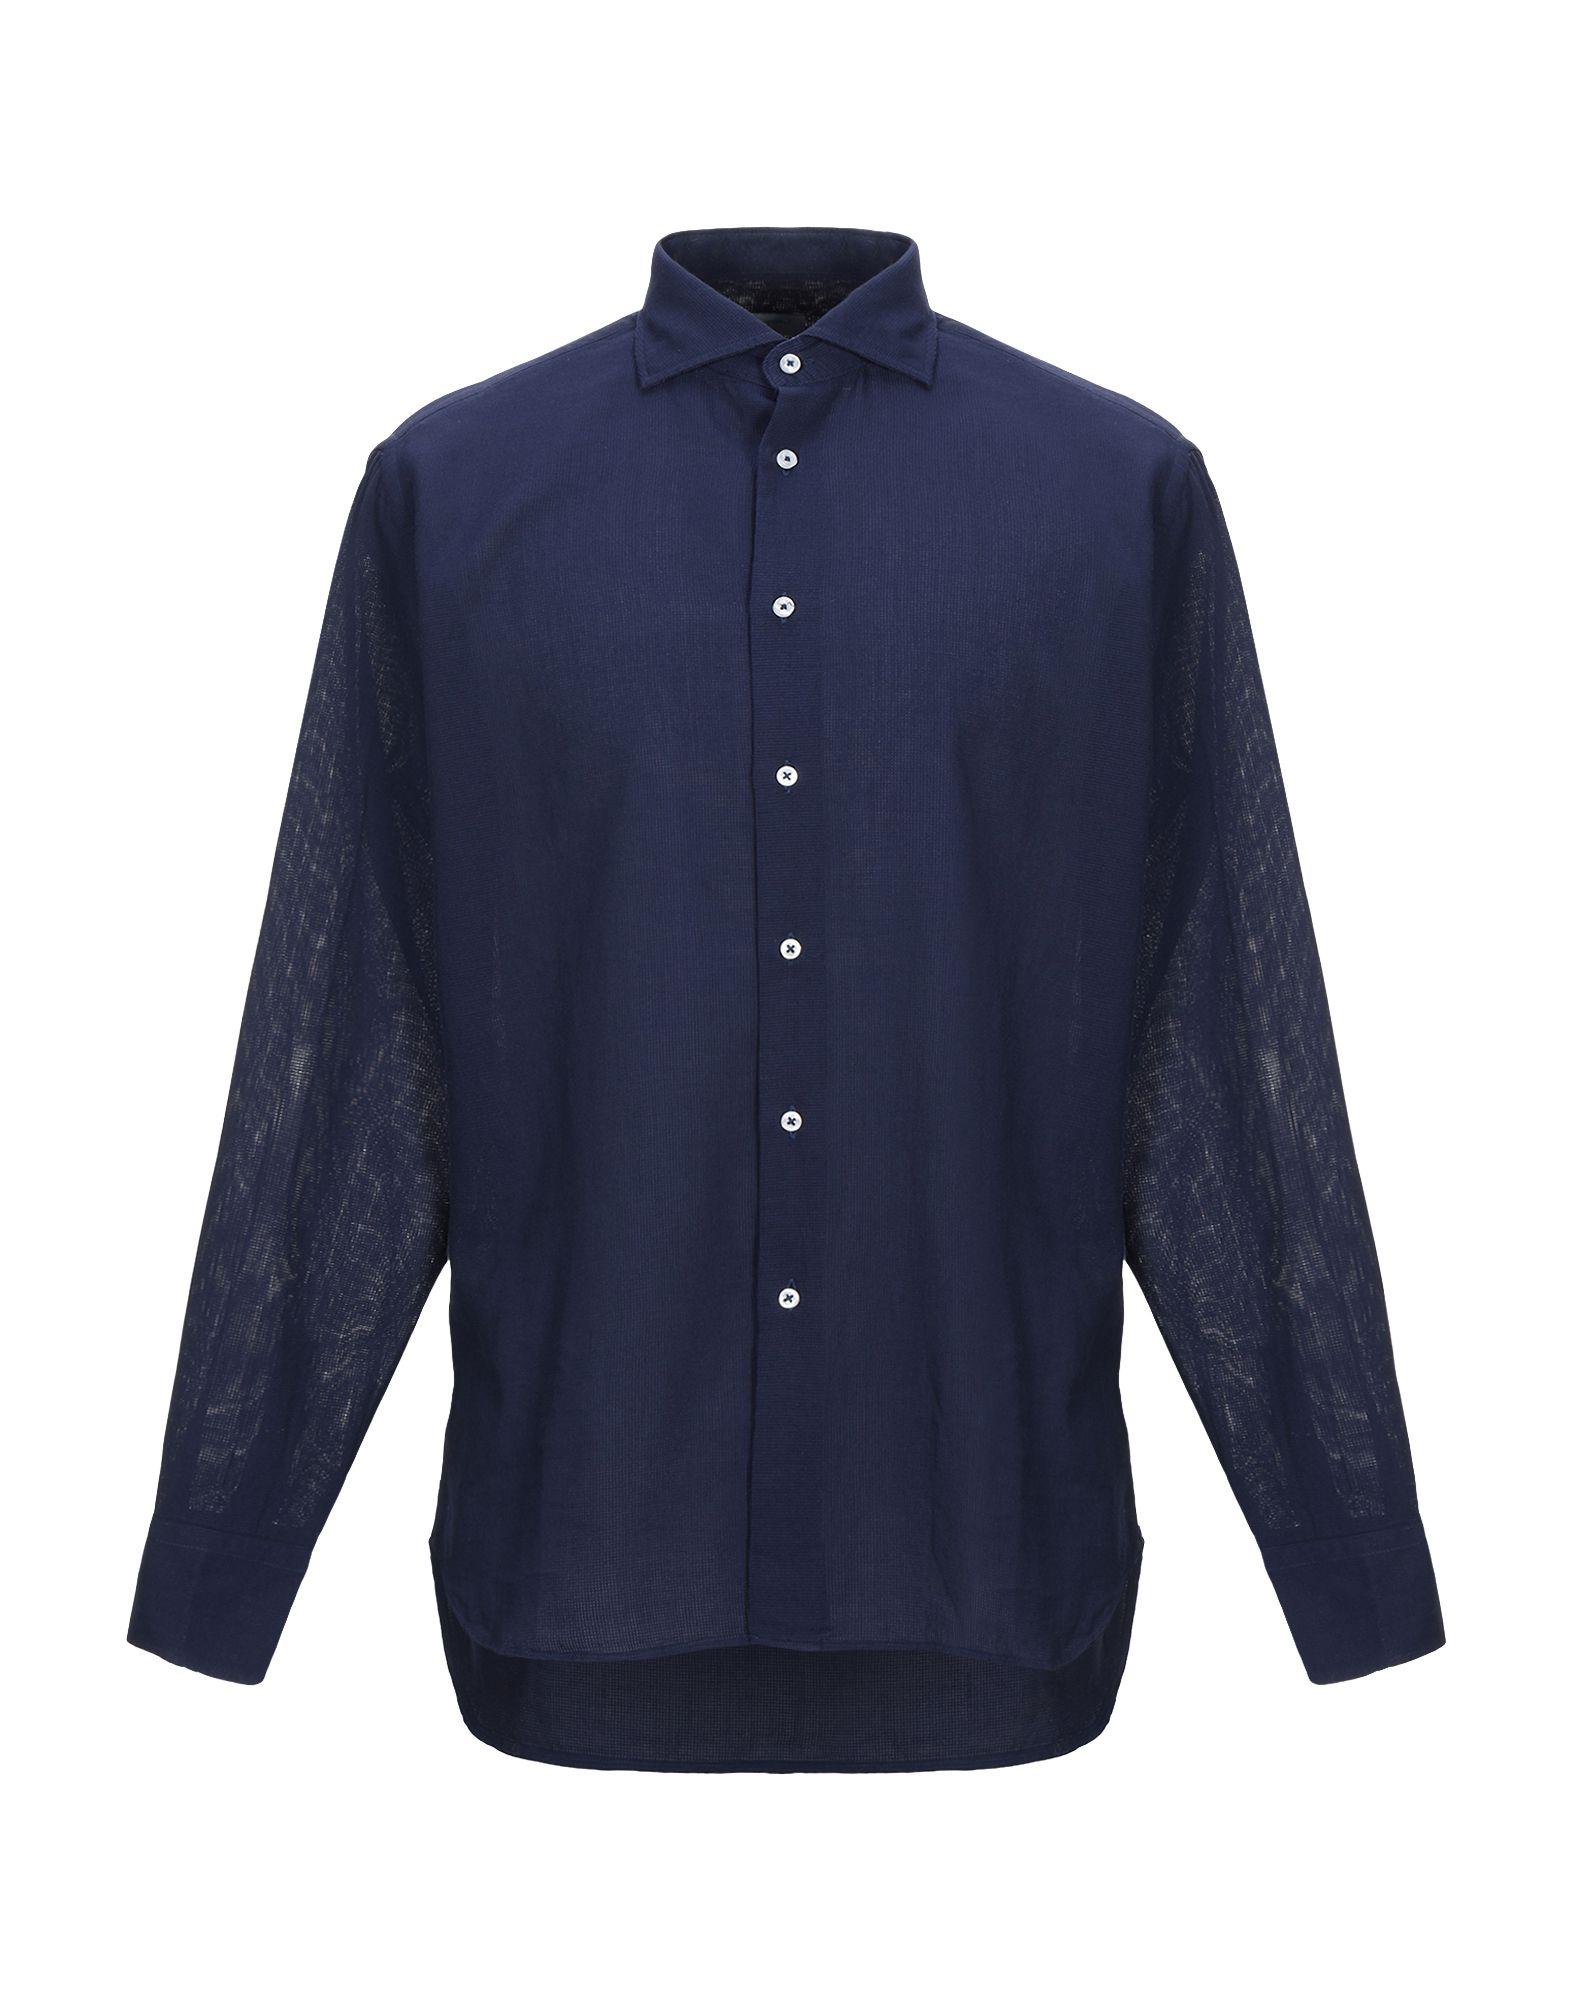 SORRENTINO NAPOLI Pубашка eugenio sorrentino пиджак